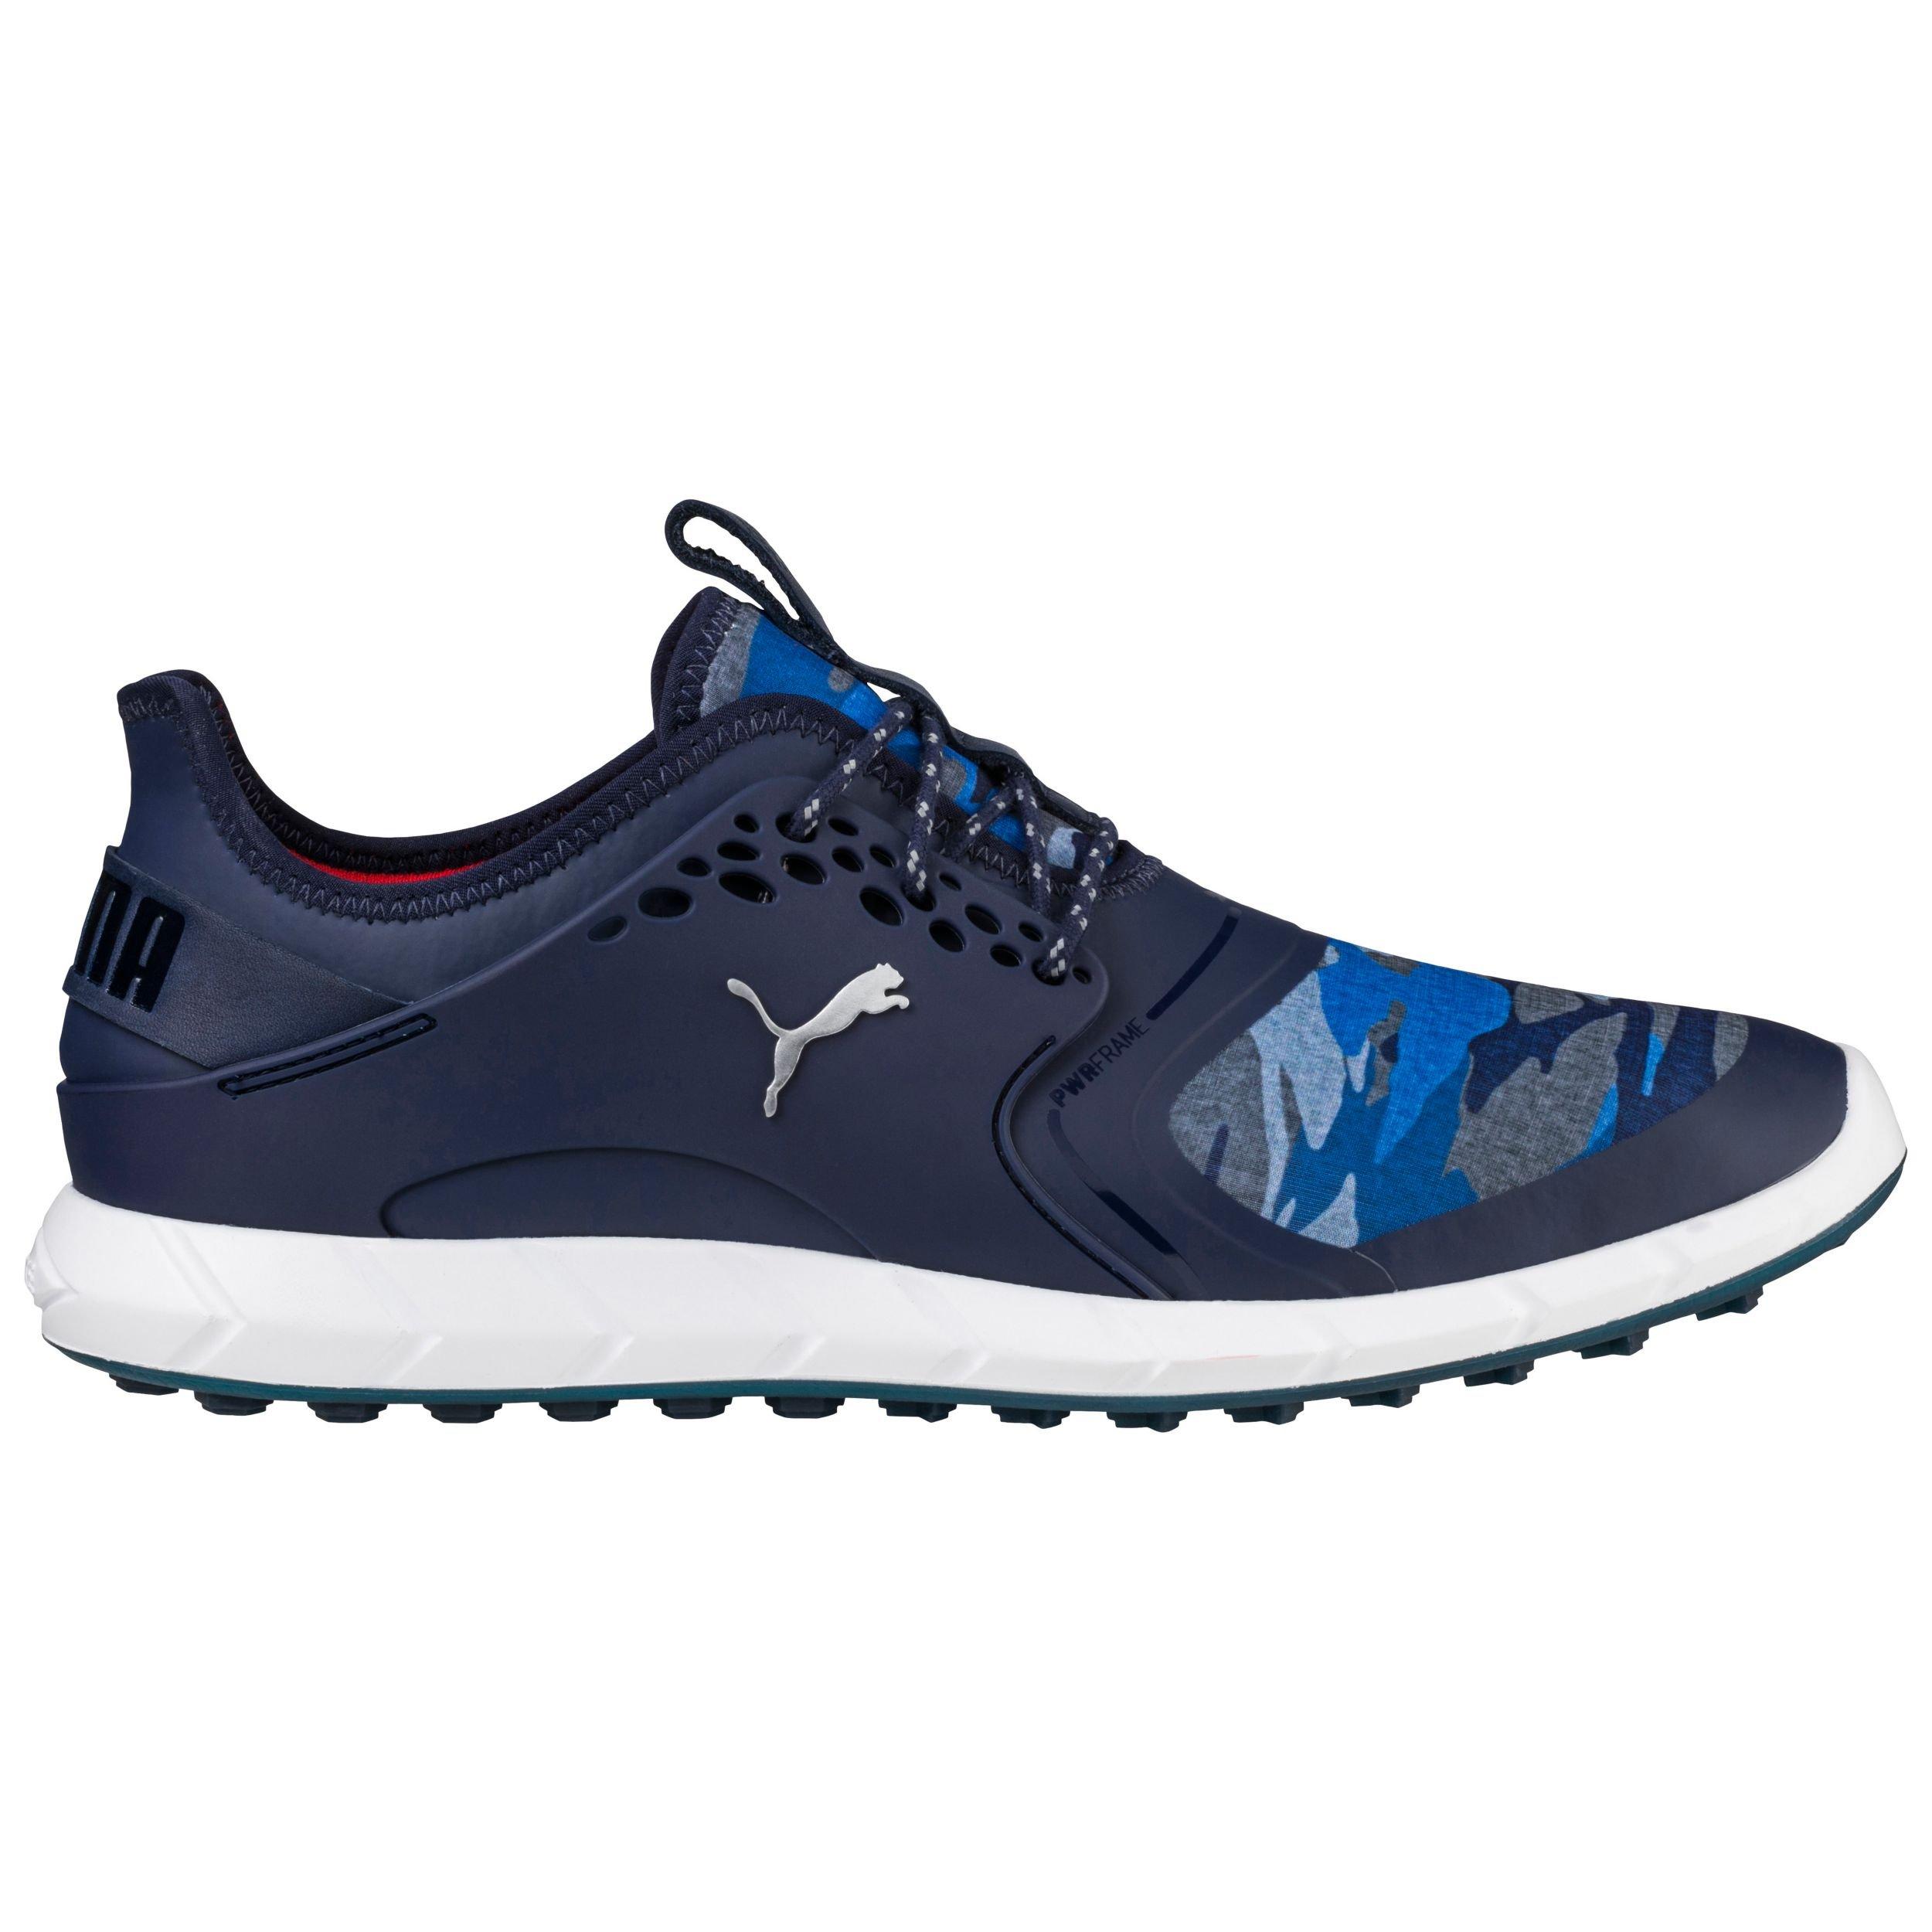 PUMA Golf Men's Ignite Pwrsport Camo Golf Shoe, Peacoat/Camo, 10.5 Medium US